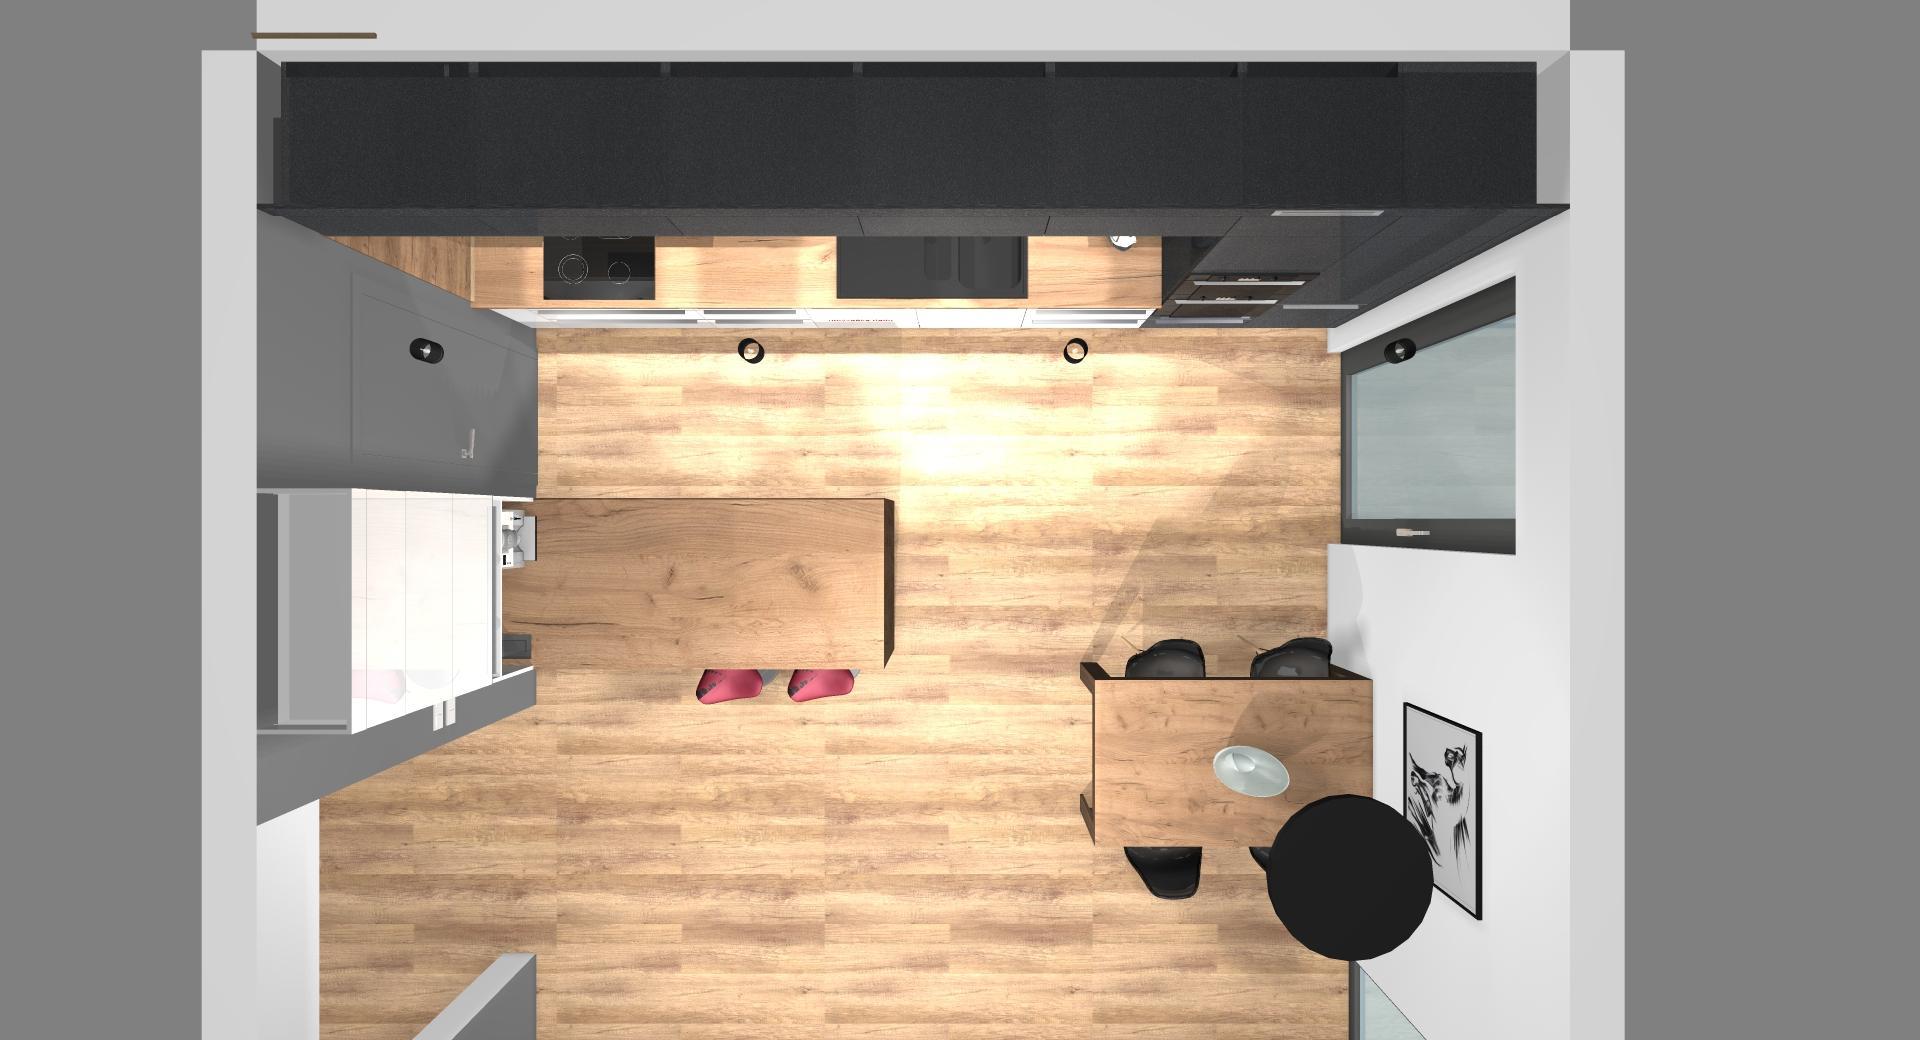 Grafické návrhy kuchynských liniek 2020 - Grafický návrh kuchynskej linky do rodinného domu v Zv - obr.6